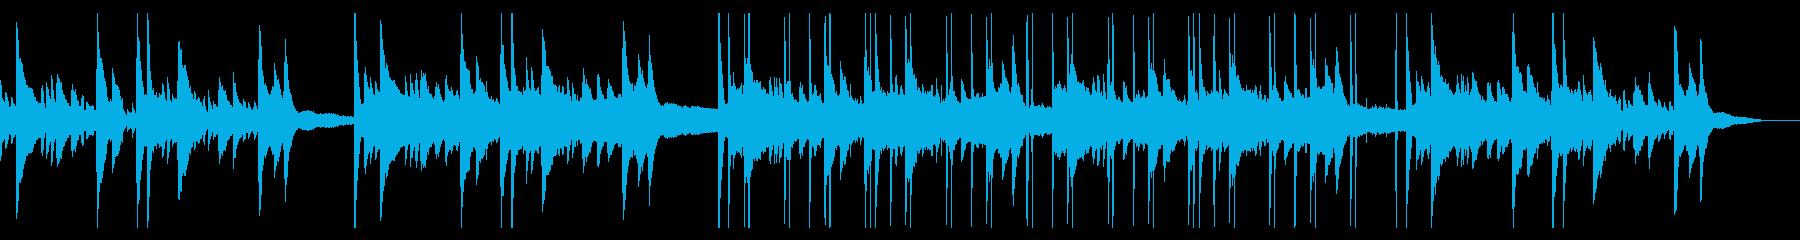 落ち着いたピアノのチル・ヒップホップの再生済みの波形